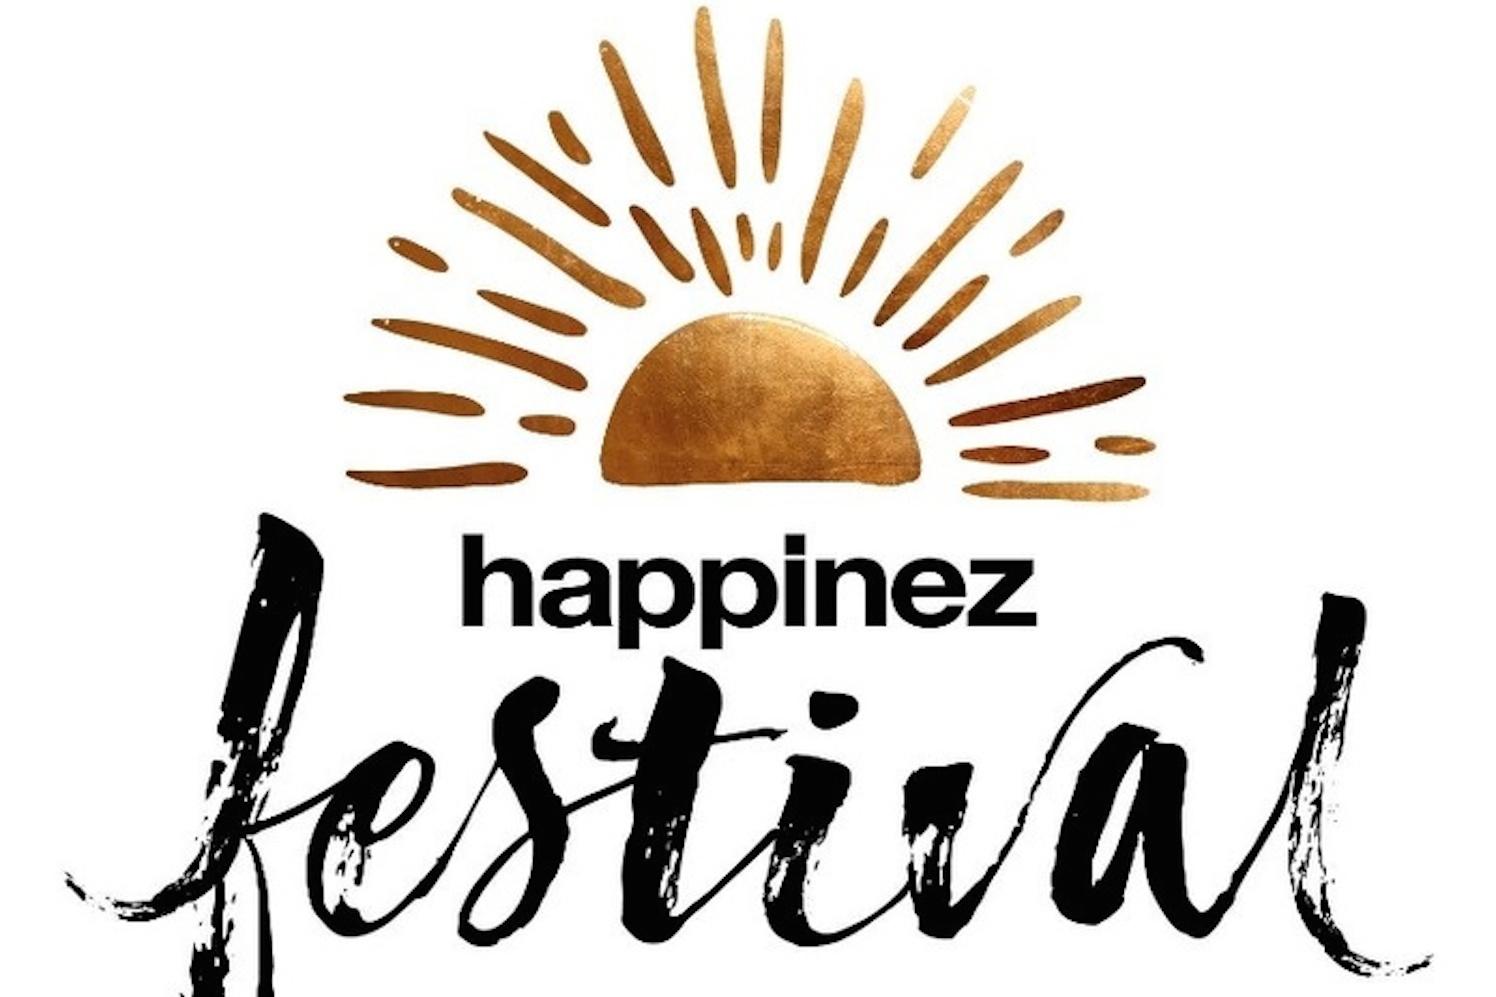 happinez festival